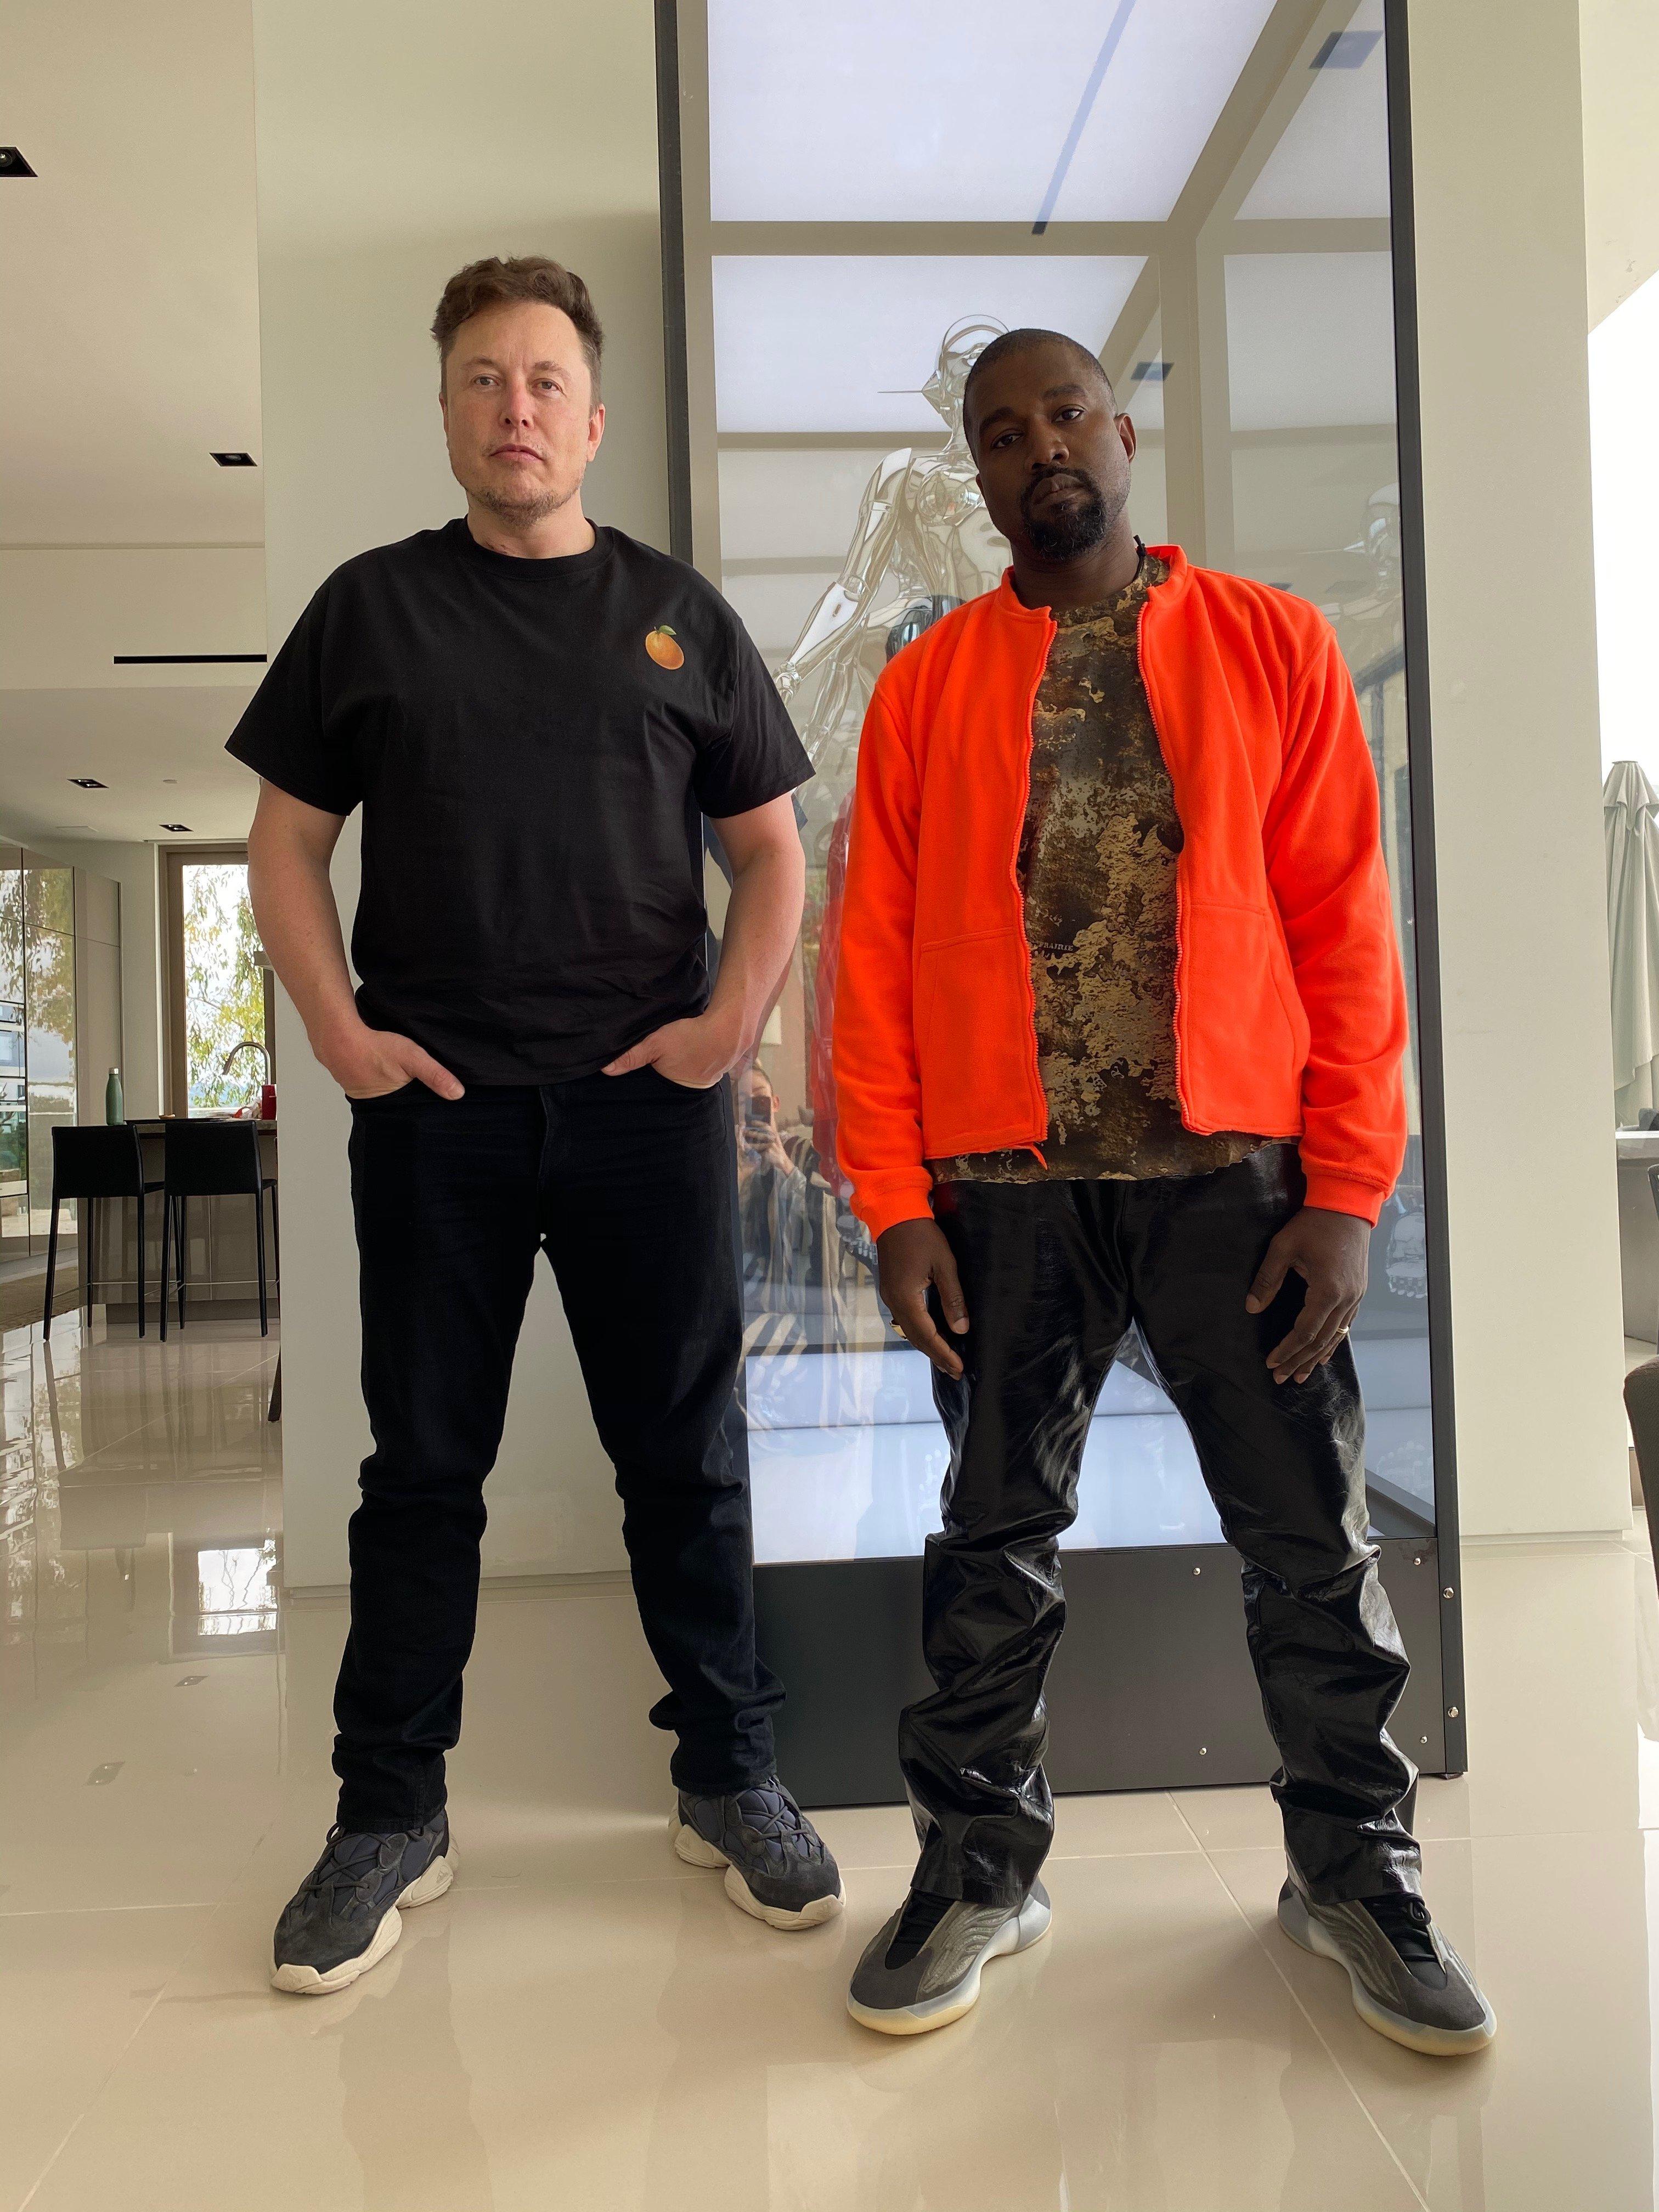 肯伊威斯特(右)1日在推特�N出和特斯拉���k人�R斯克的合照。(取材自推特)